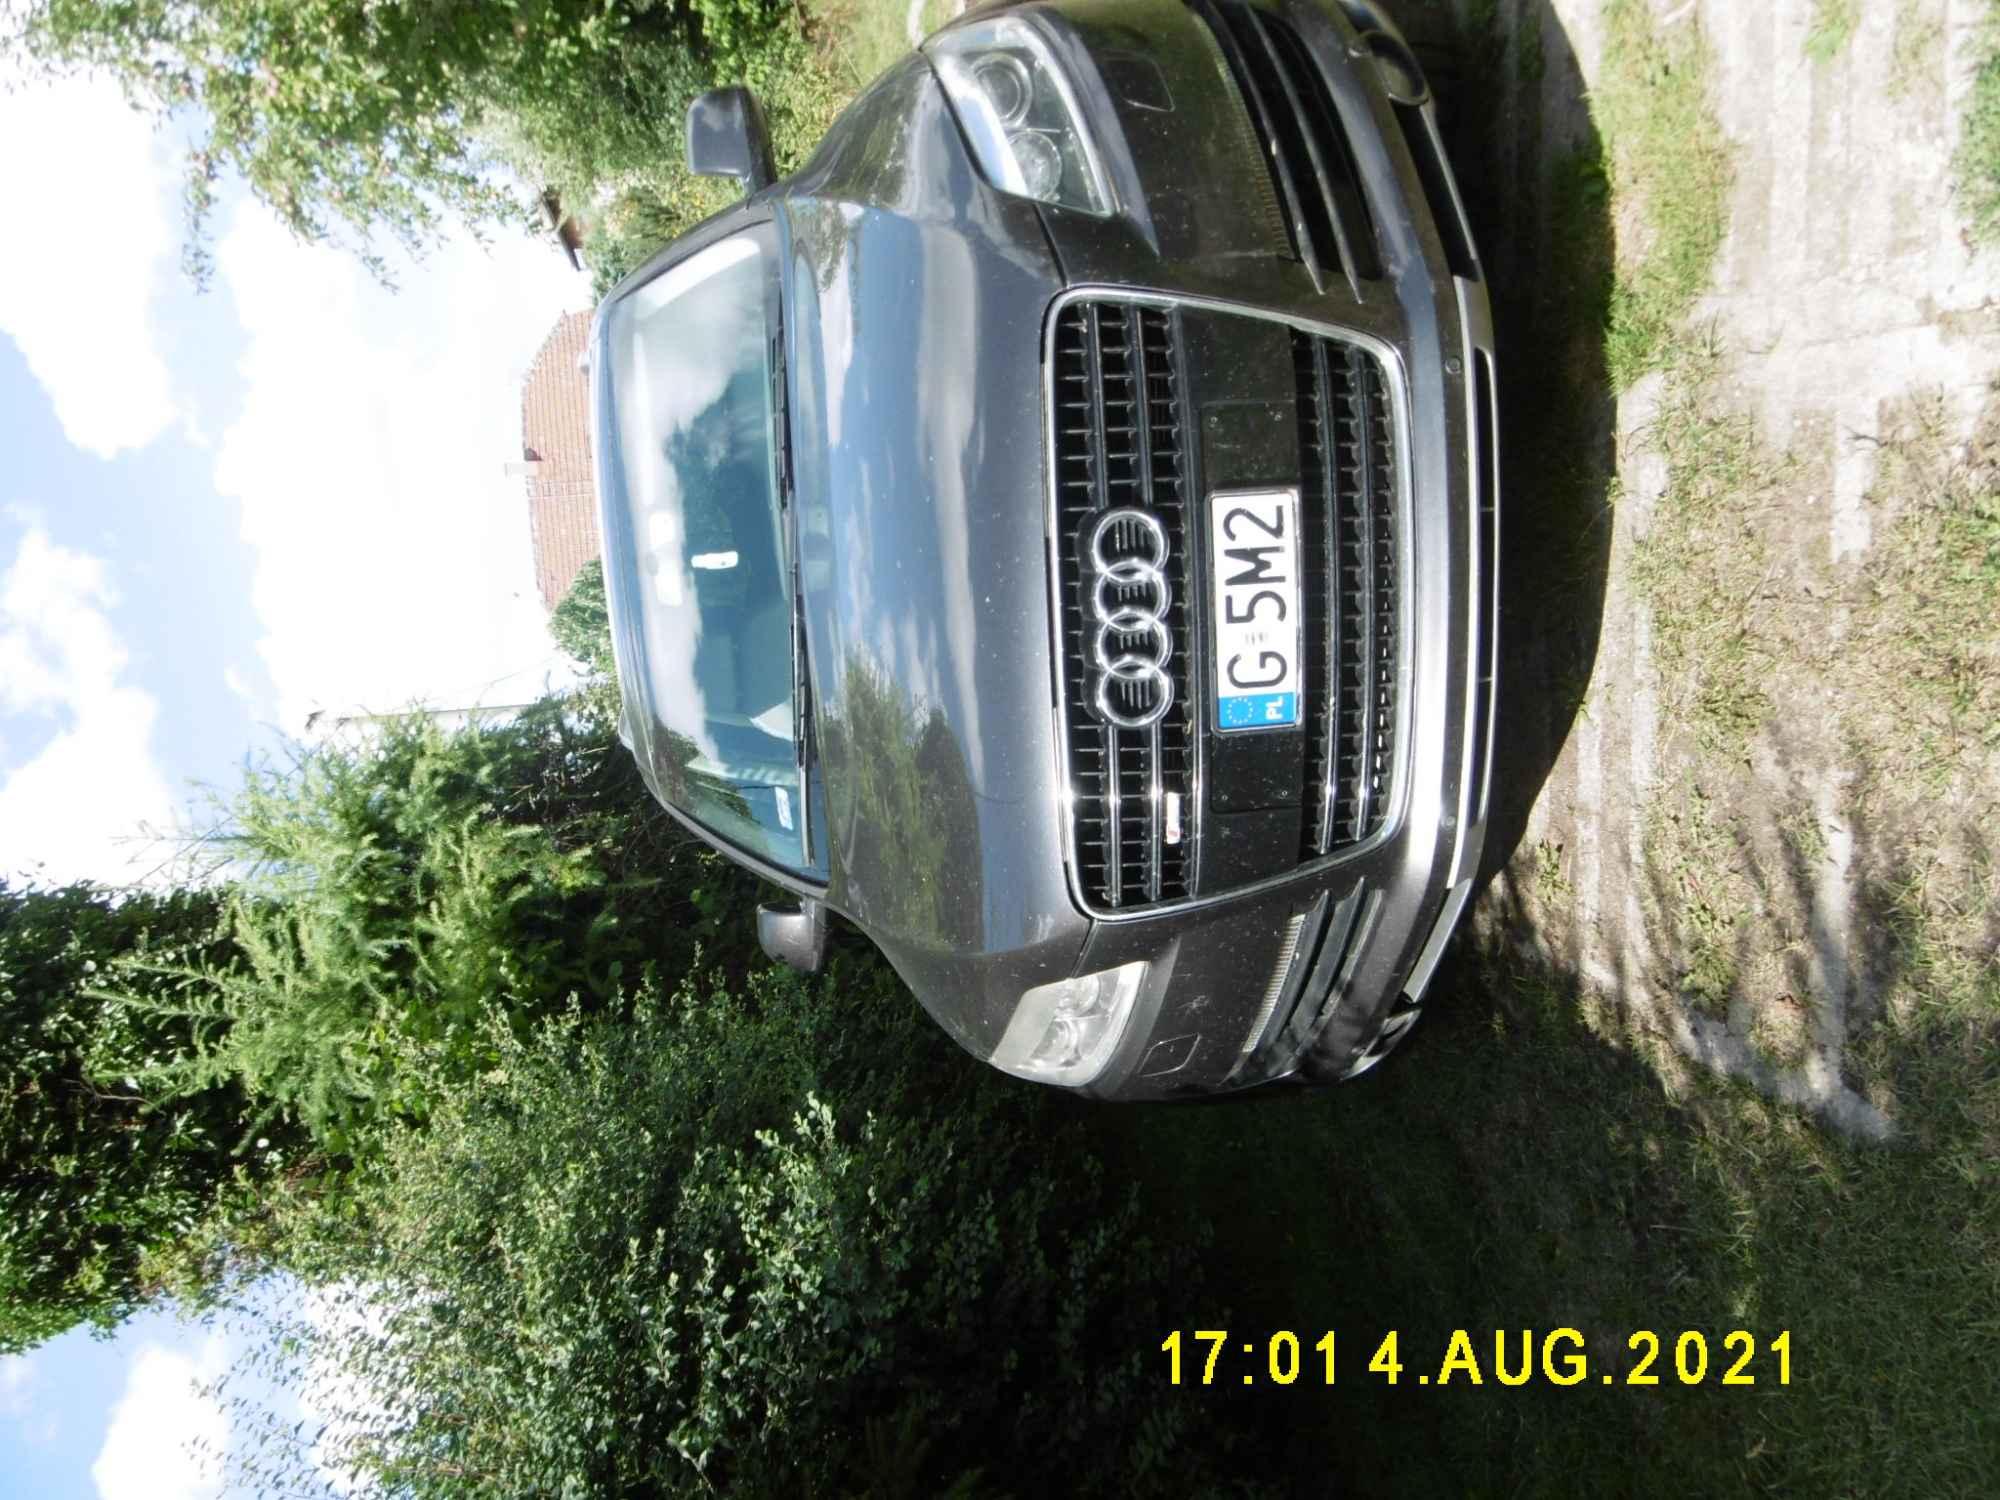 Sprzedam samochód osobowy  AUDI Q7 05-09 typ Q7 4,2 FSI QUATTRO Słupsk - zdjęcie 1